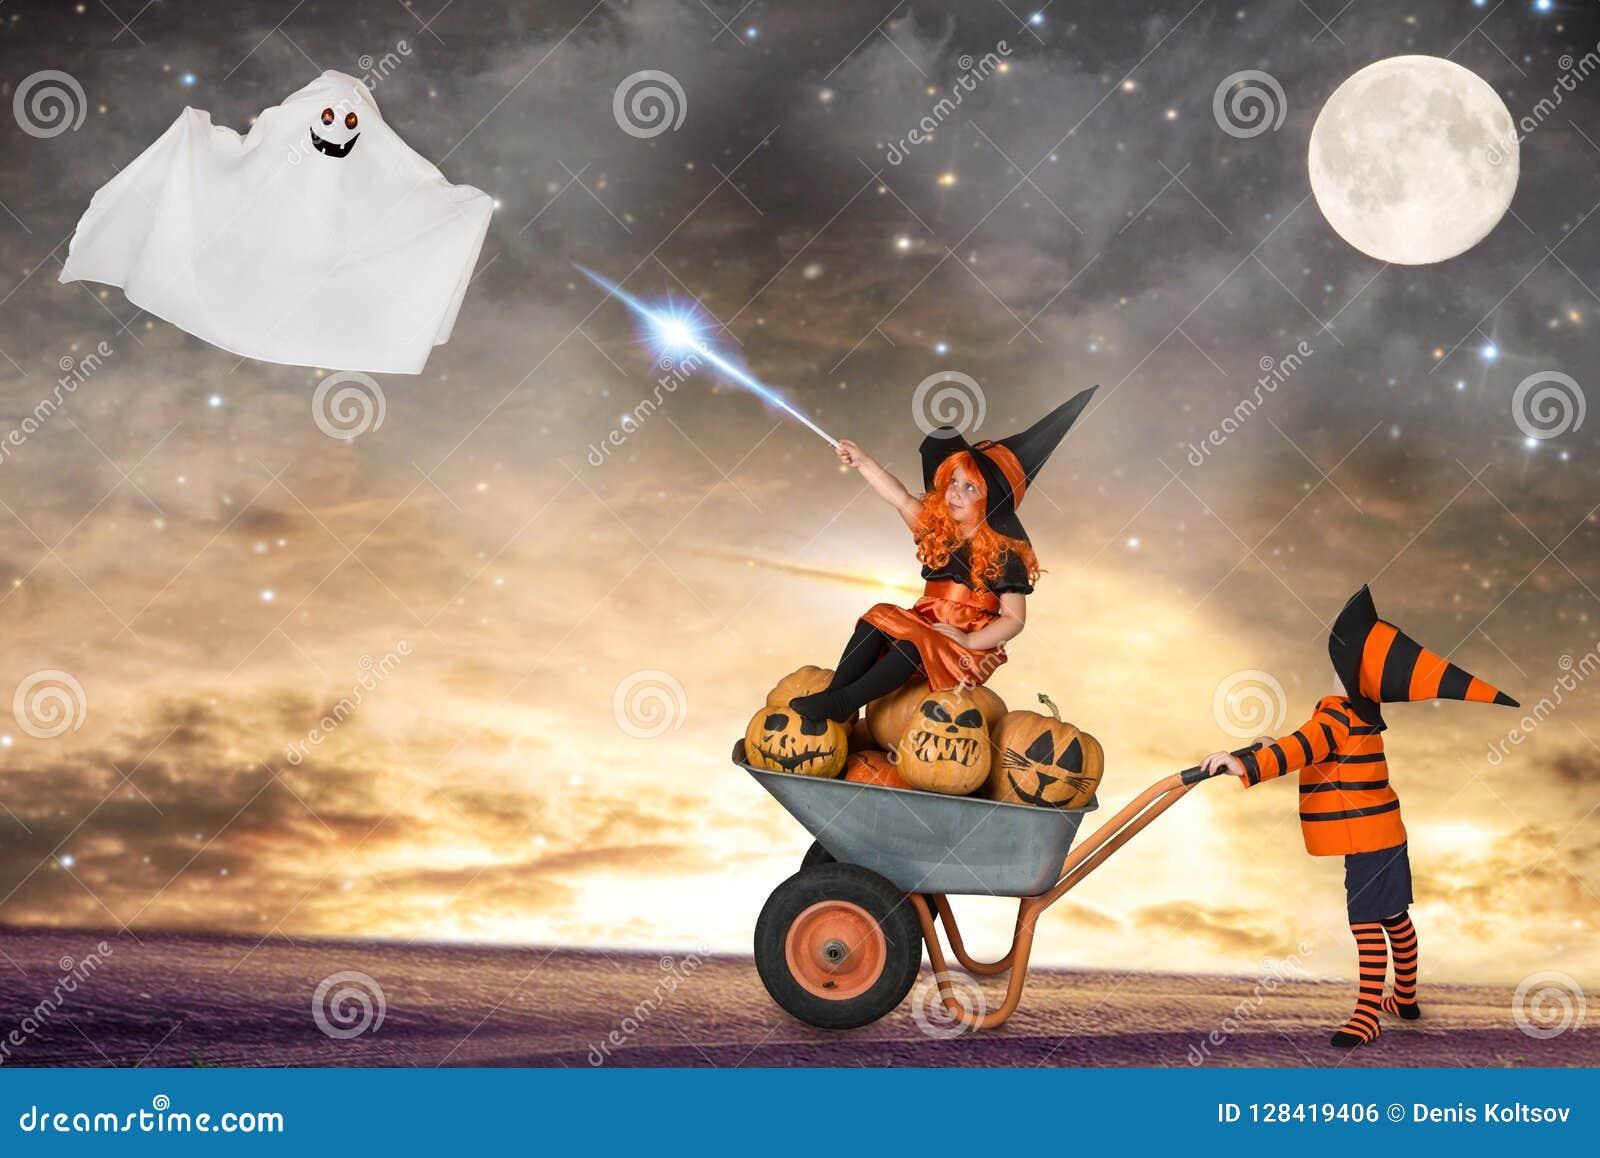 Halloween Kinder in den Kostümen für Halloween gehen im Wald nachts und beschwören